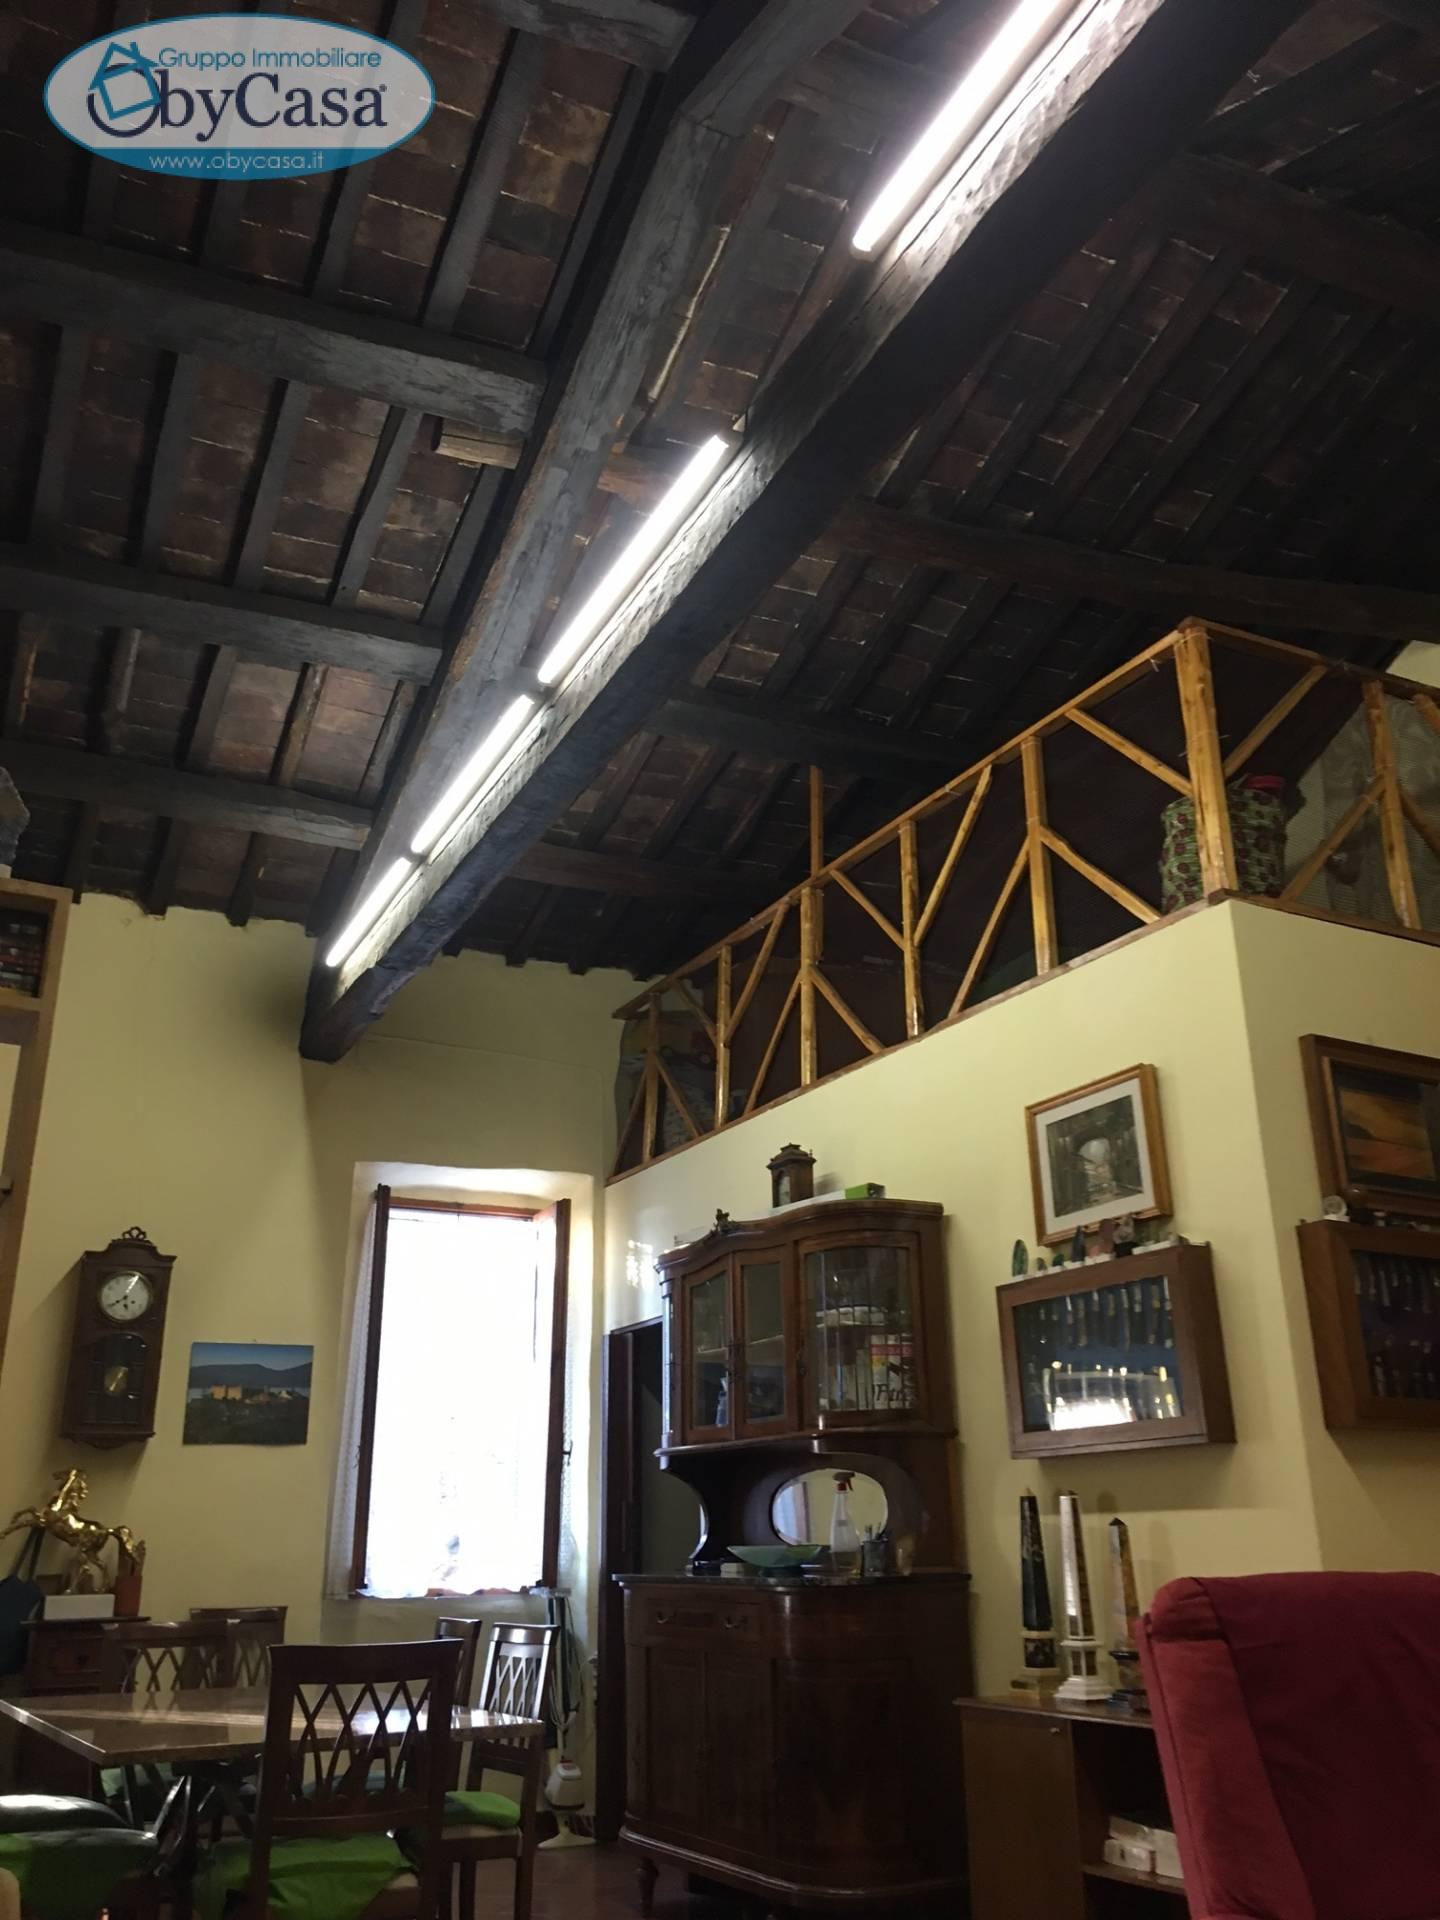 Bilocale Bracciano Via Fioravanti 5